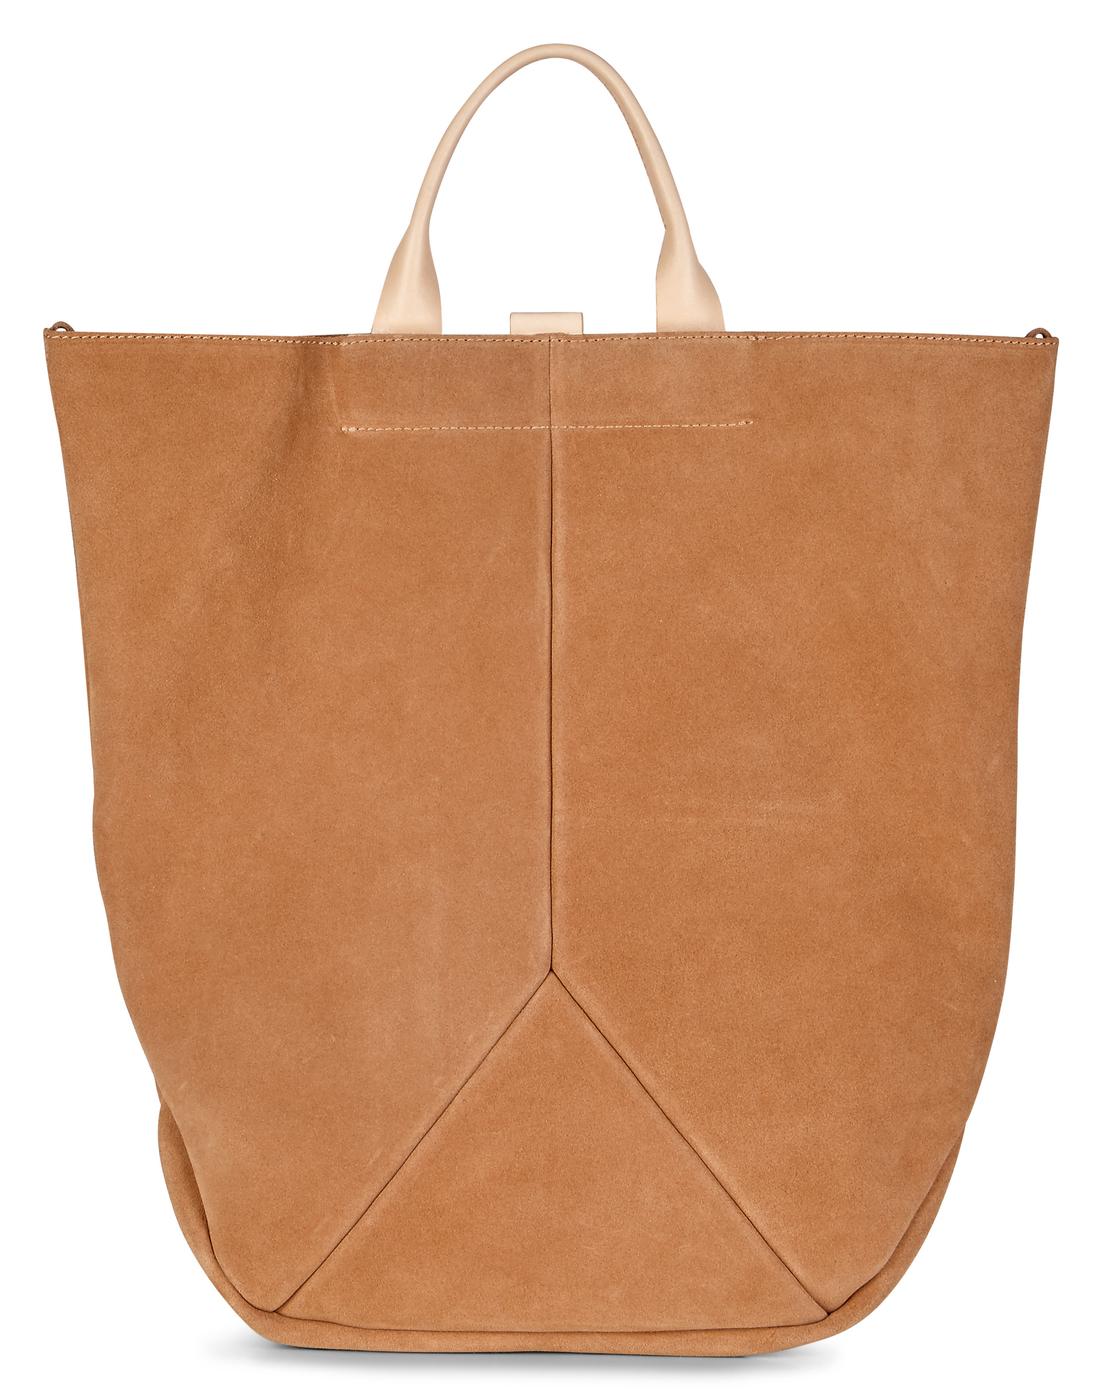 ECCO ELLA Suede Tote Bag